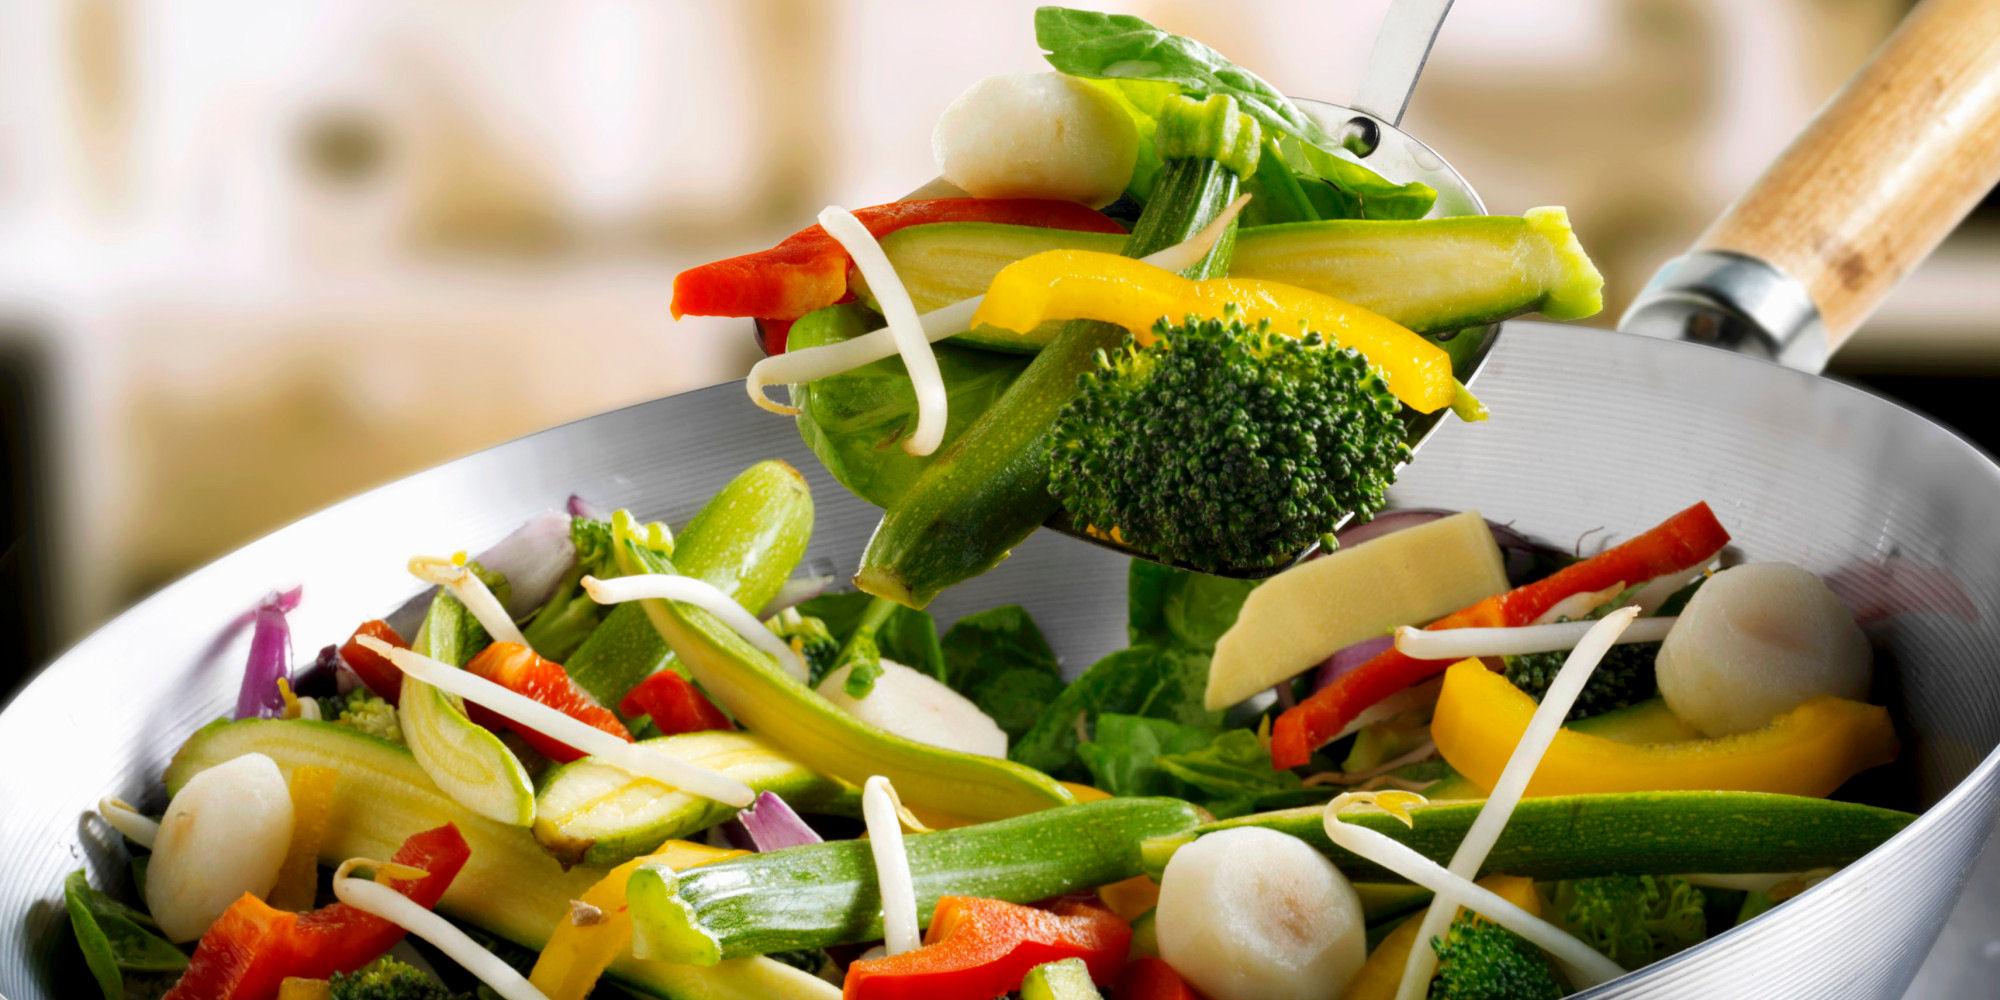 alimentazione vegetariana sport dieta